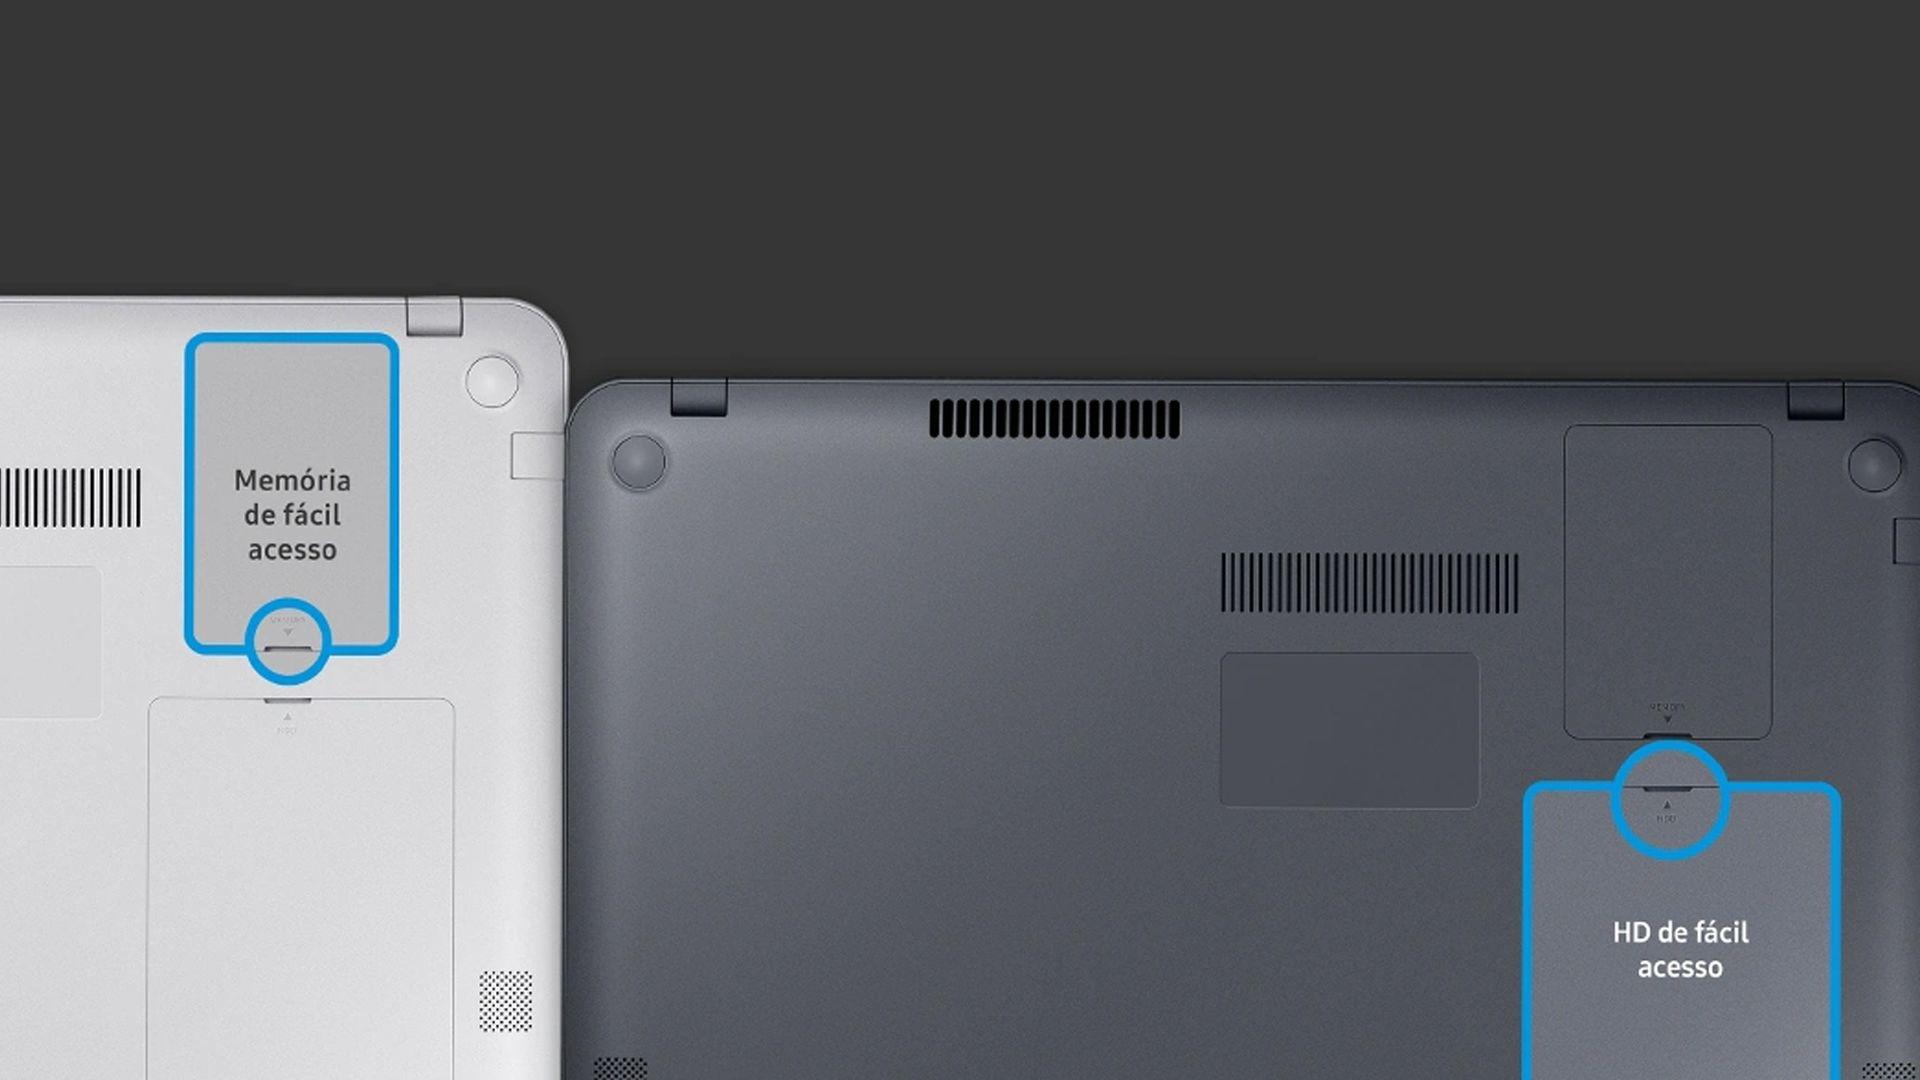 É possível melhorar a memória RAM e o armazenamento do Samsung Expert X40. (Foto: Divulgação/Samsung)